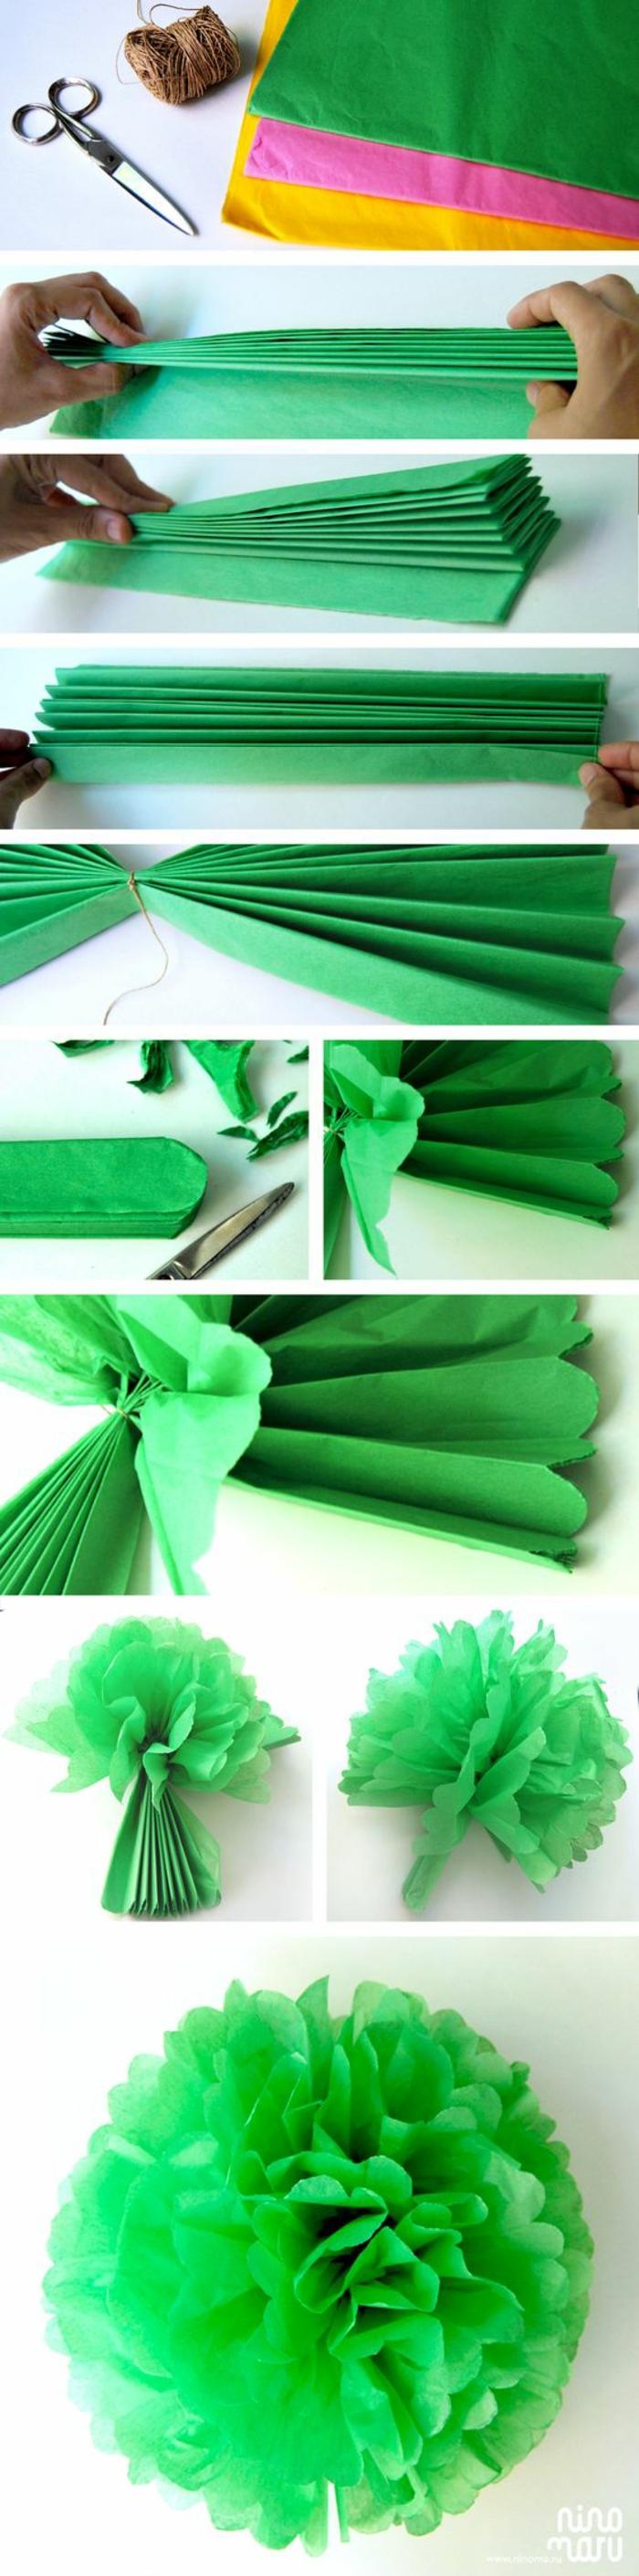 bastelideen mit papier. große blume aus grünem krepppapier falten